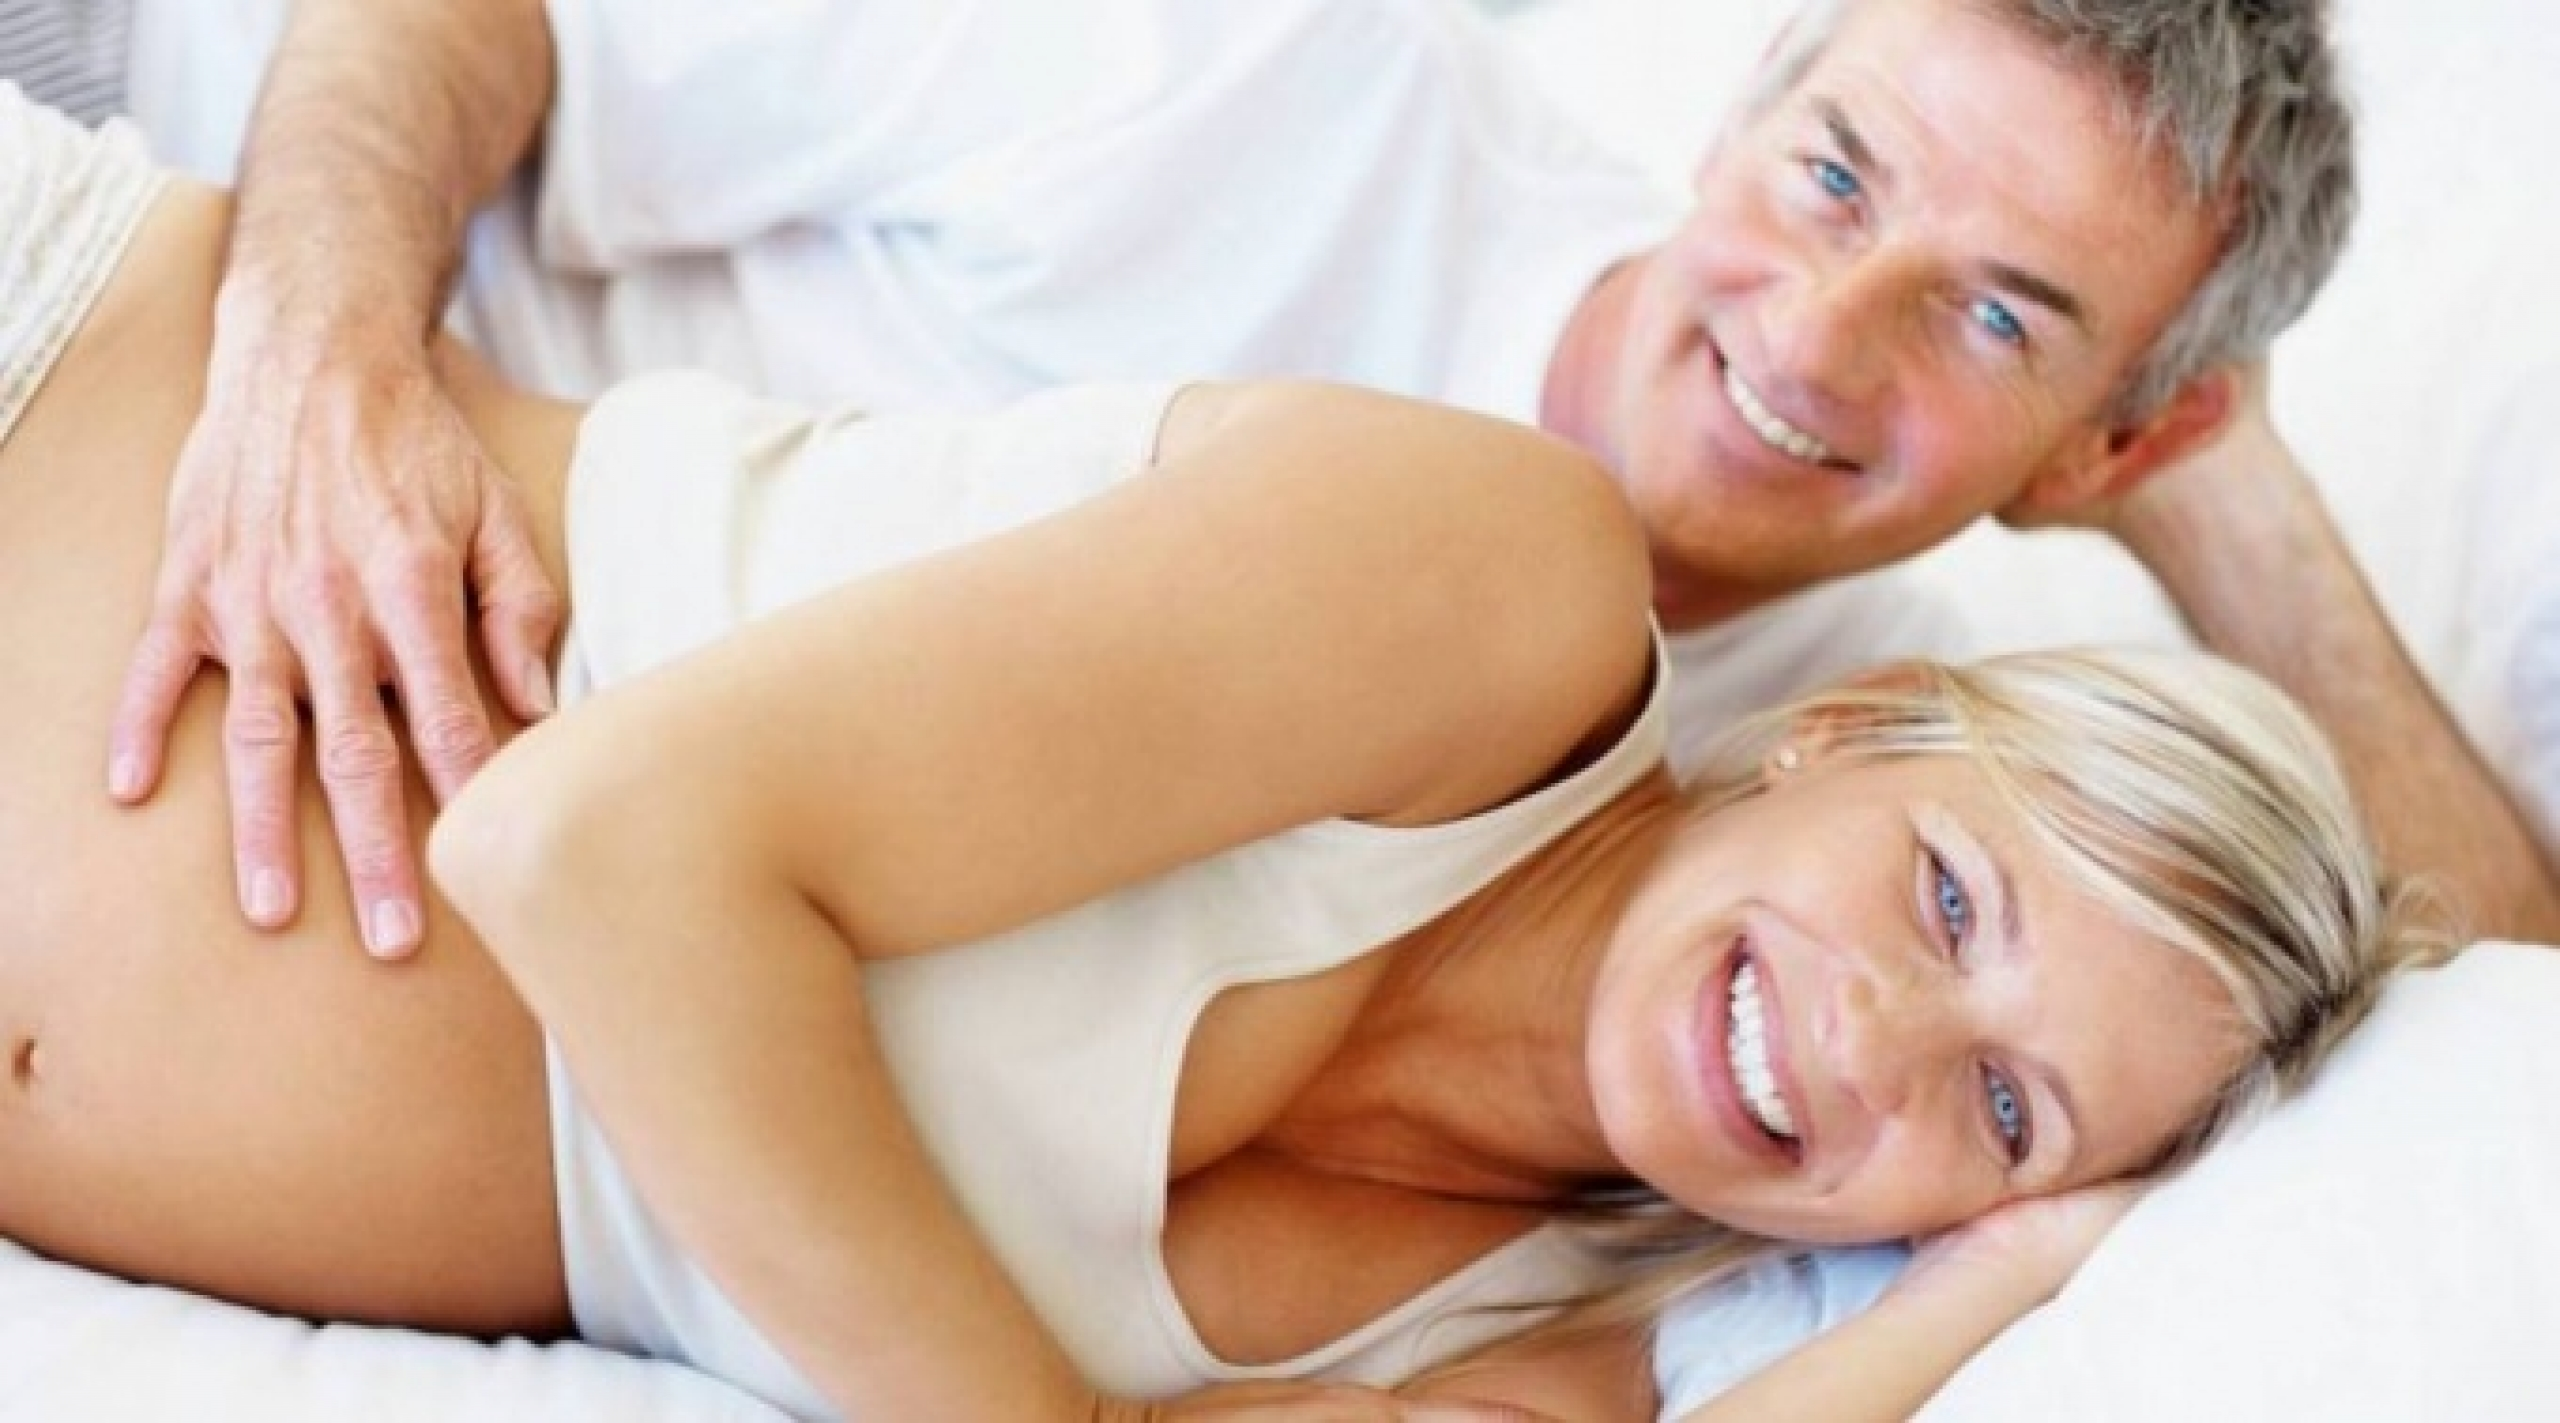 Анальный секс все плюсы и минусы от врачей